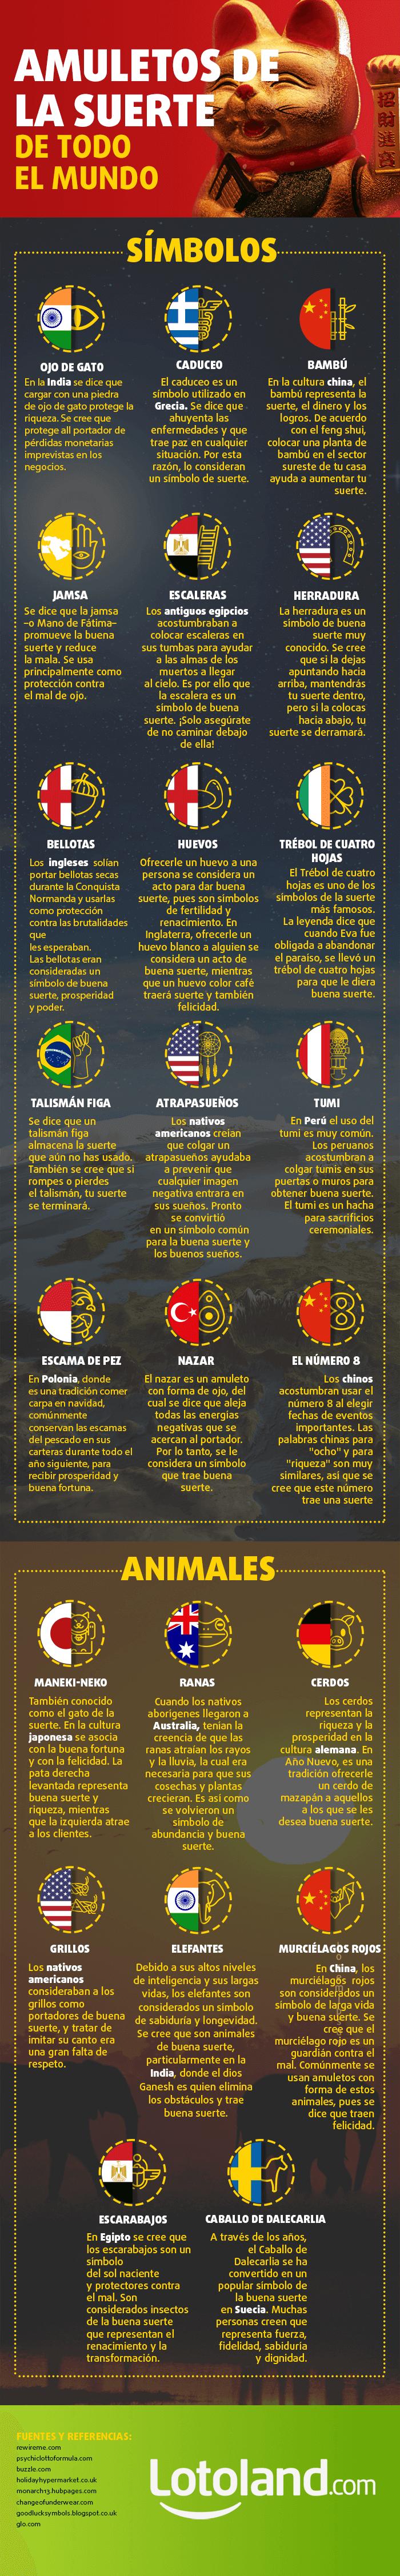 Infografía de amuletos de la suerte